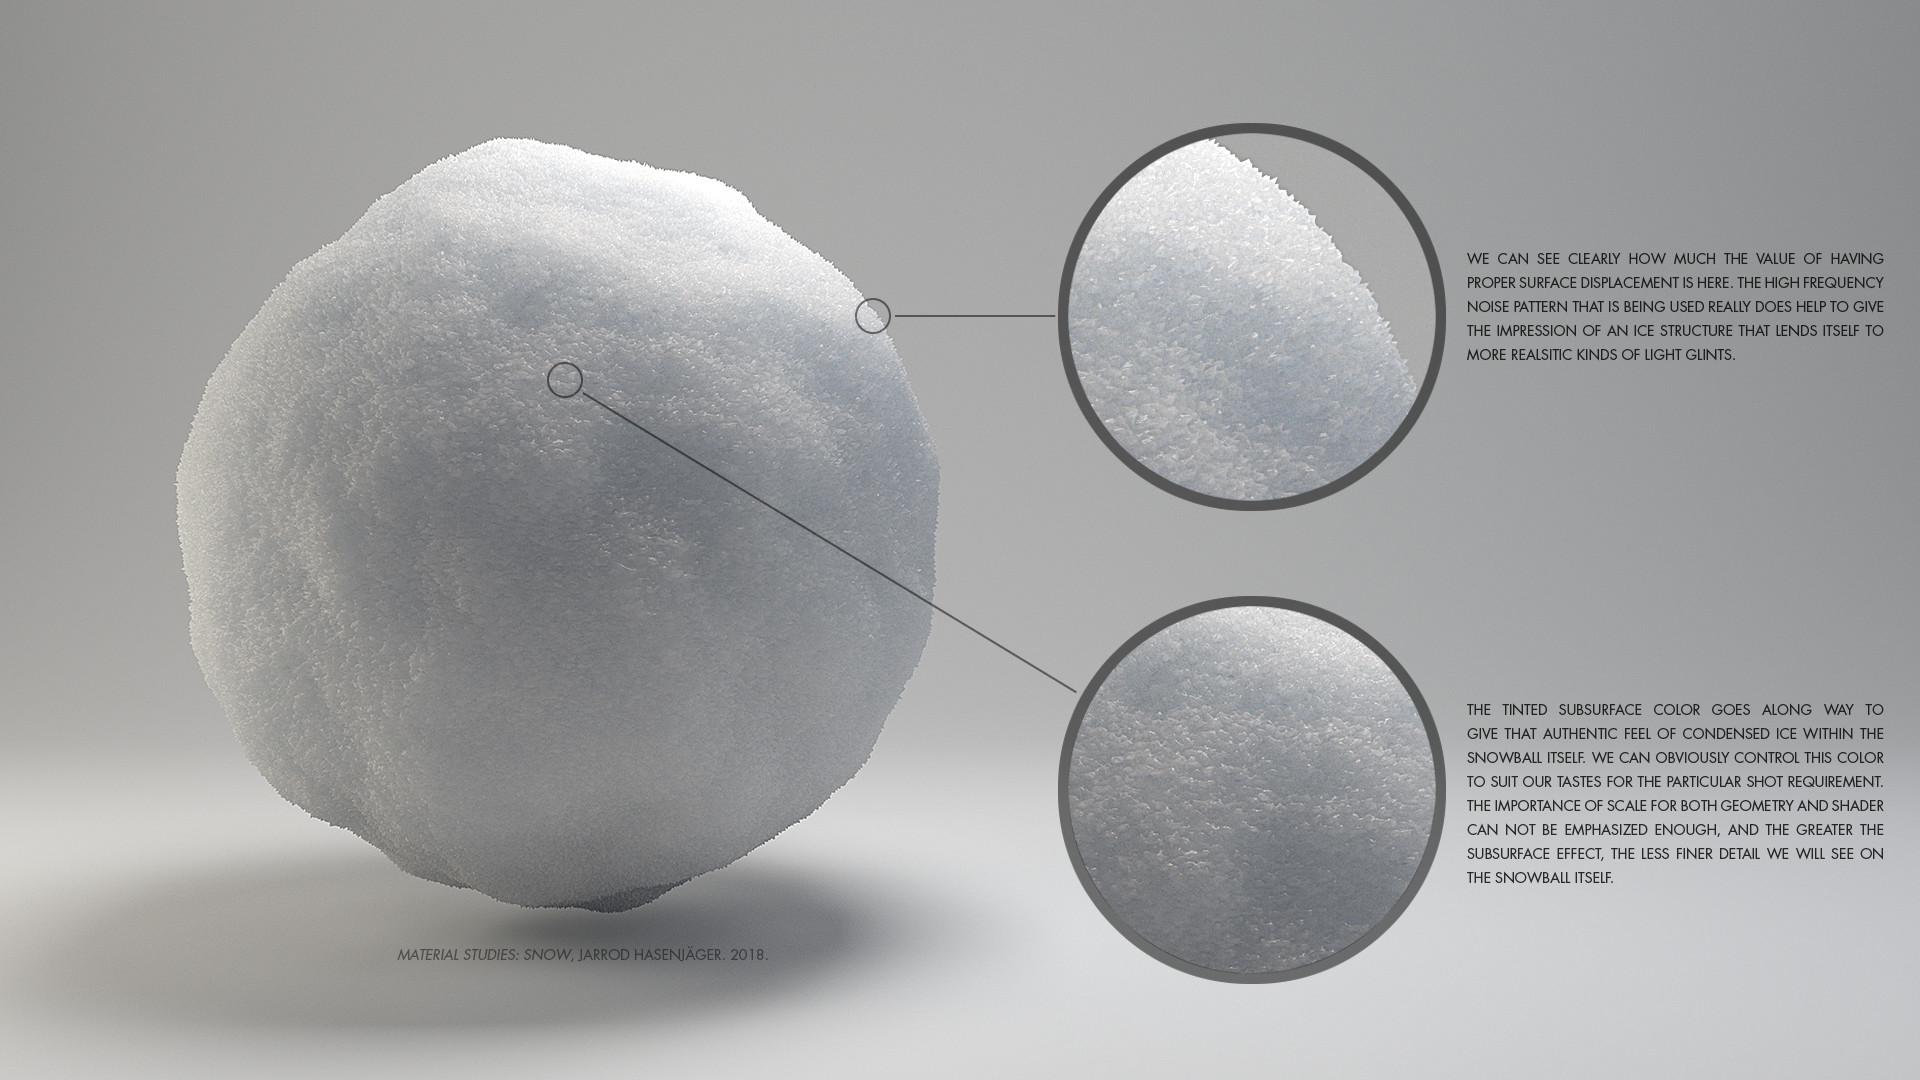 ArtStation - Material Studies: Snow, Jarrod Hasenjäger